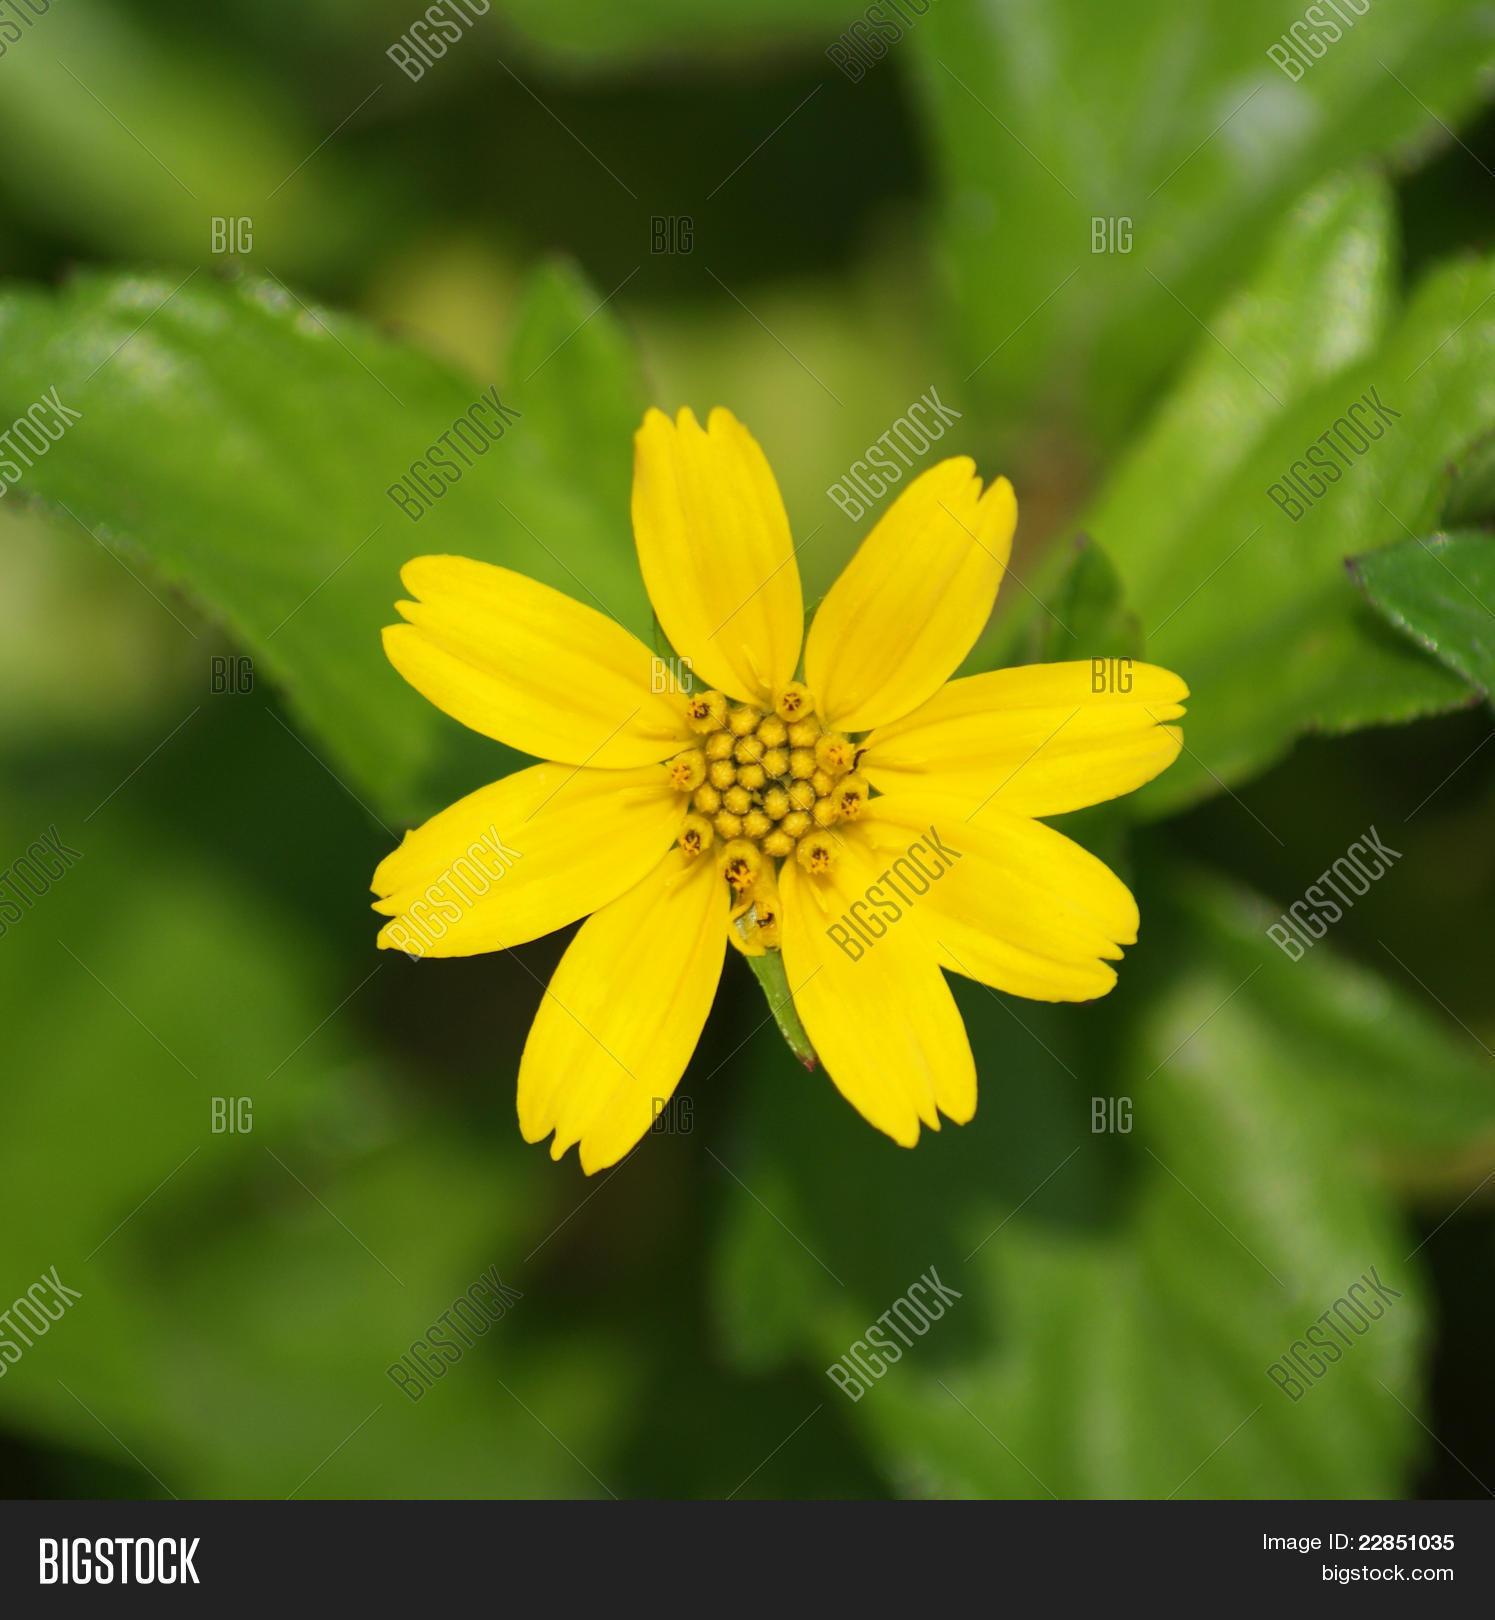 7 petal flower image photo free trial bigstock 7 petal flower mightylinksfo